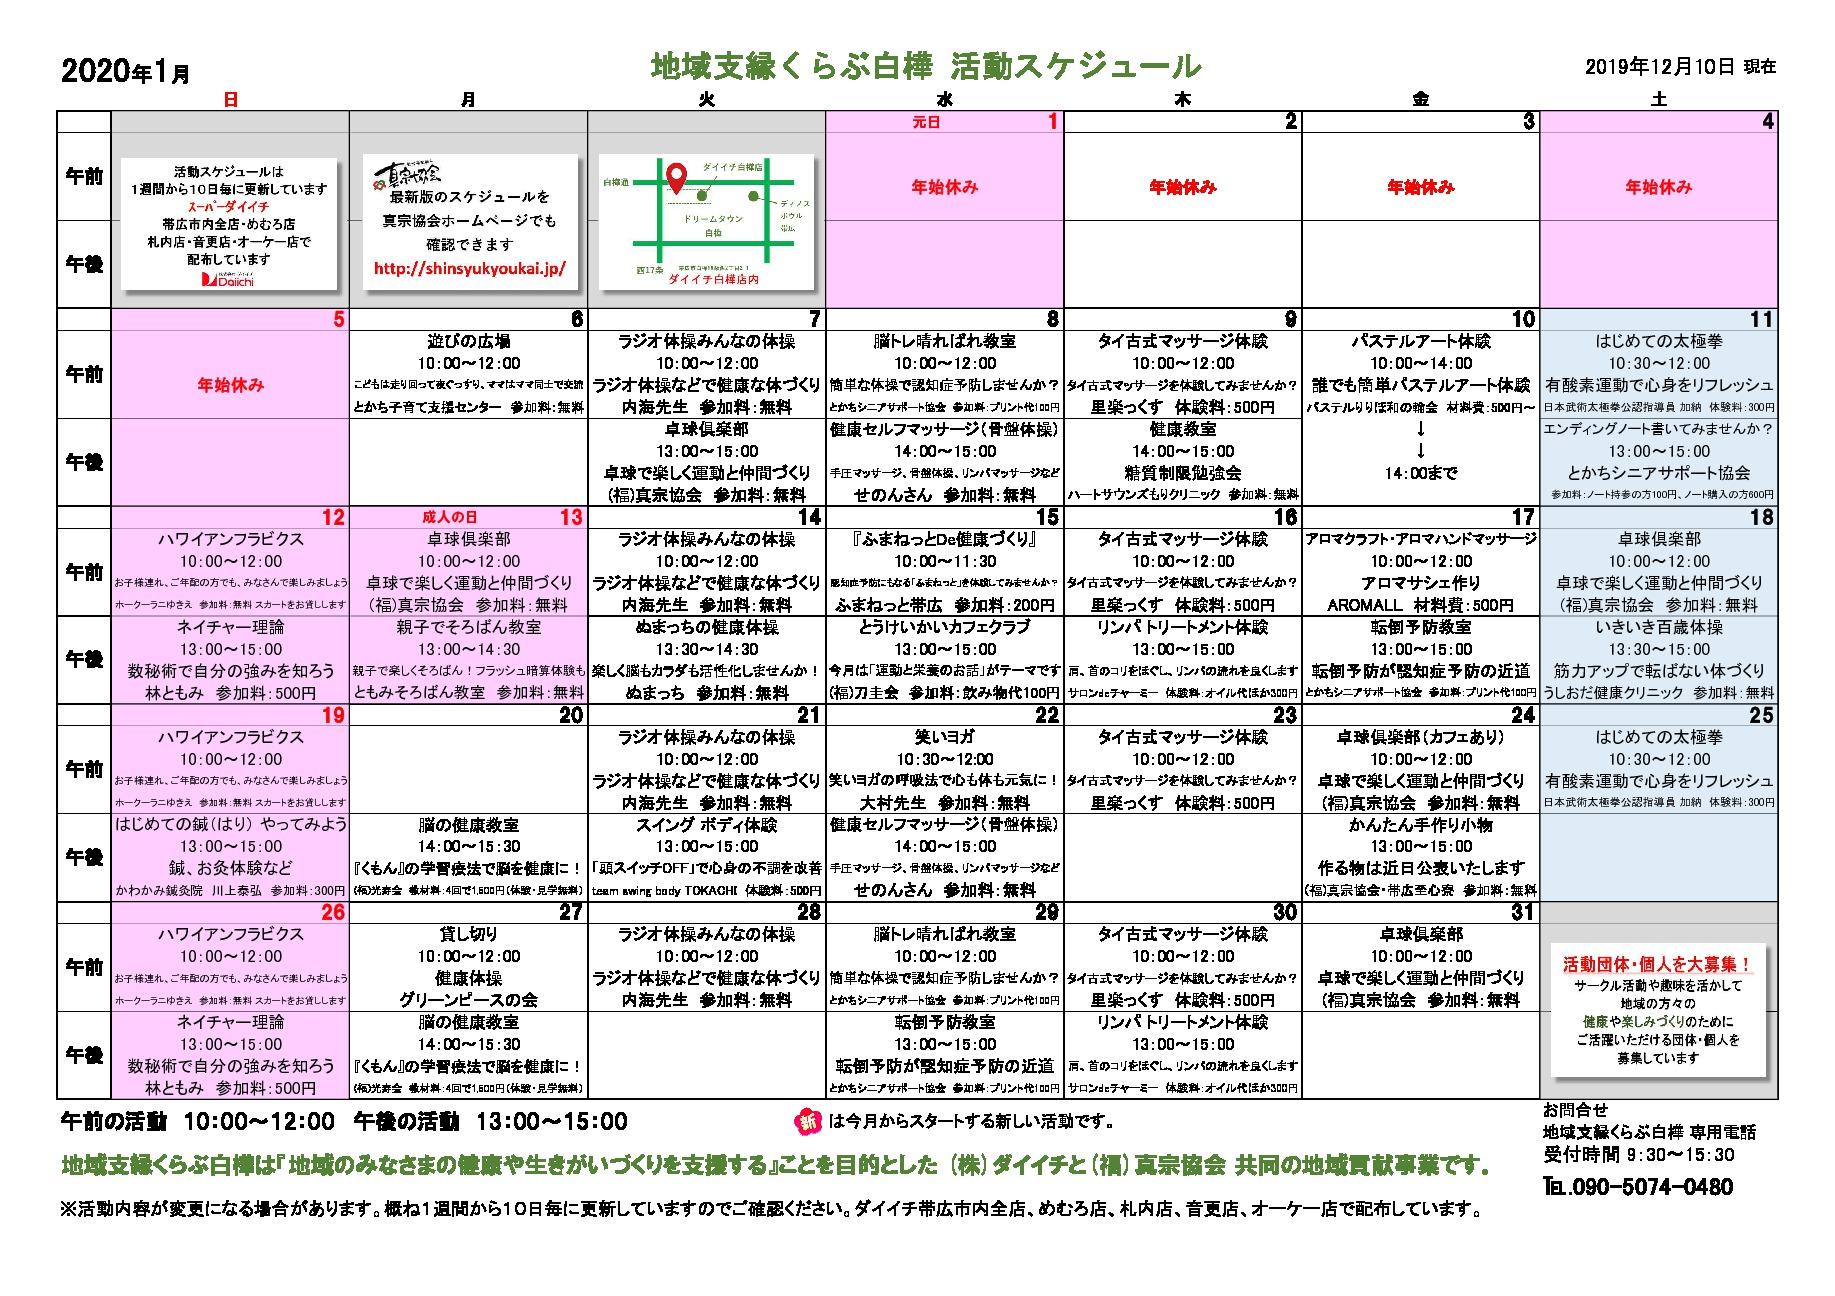 2019活動スケジュール1(2019.12.10付)のサムネイル